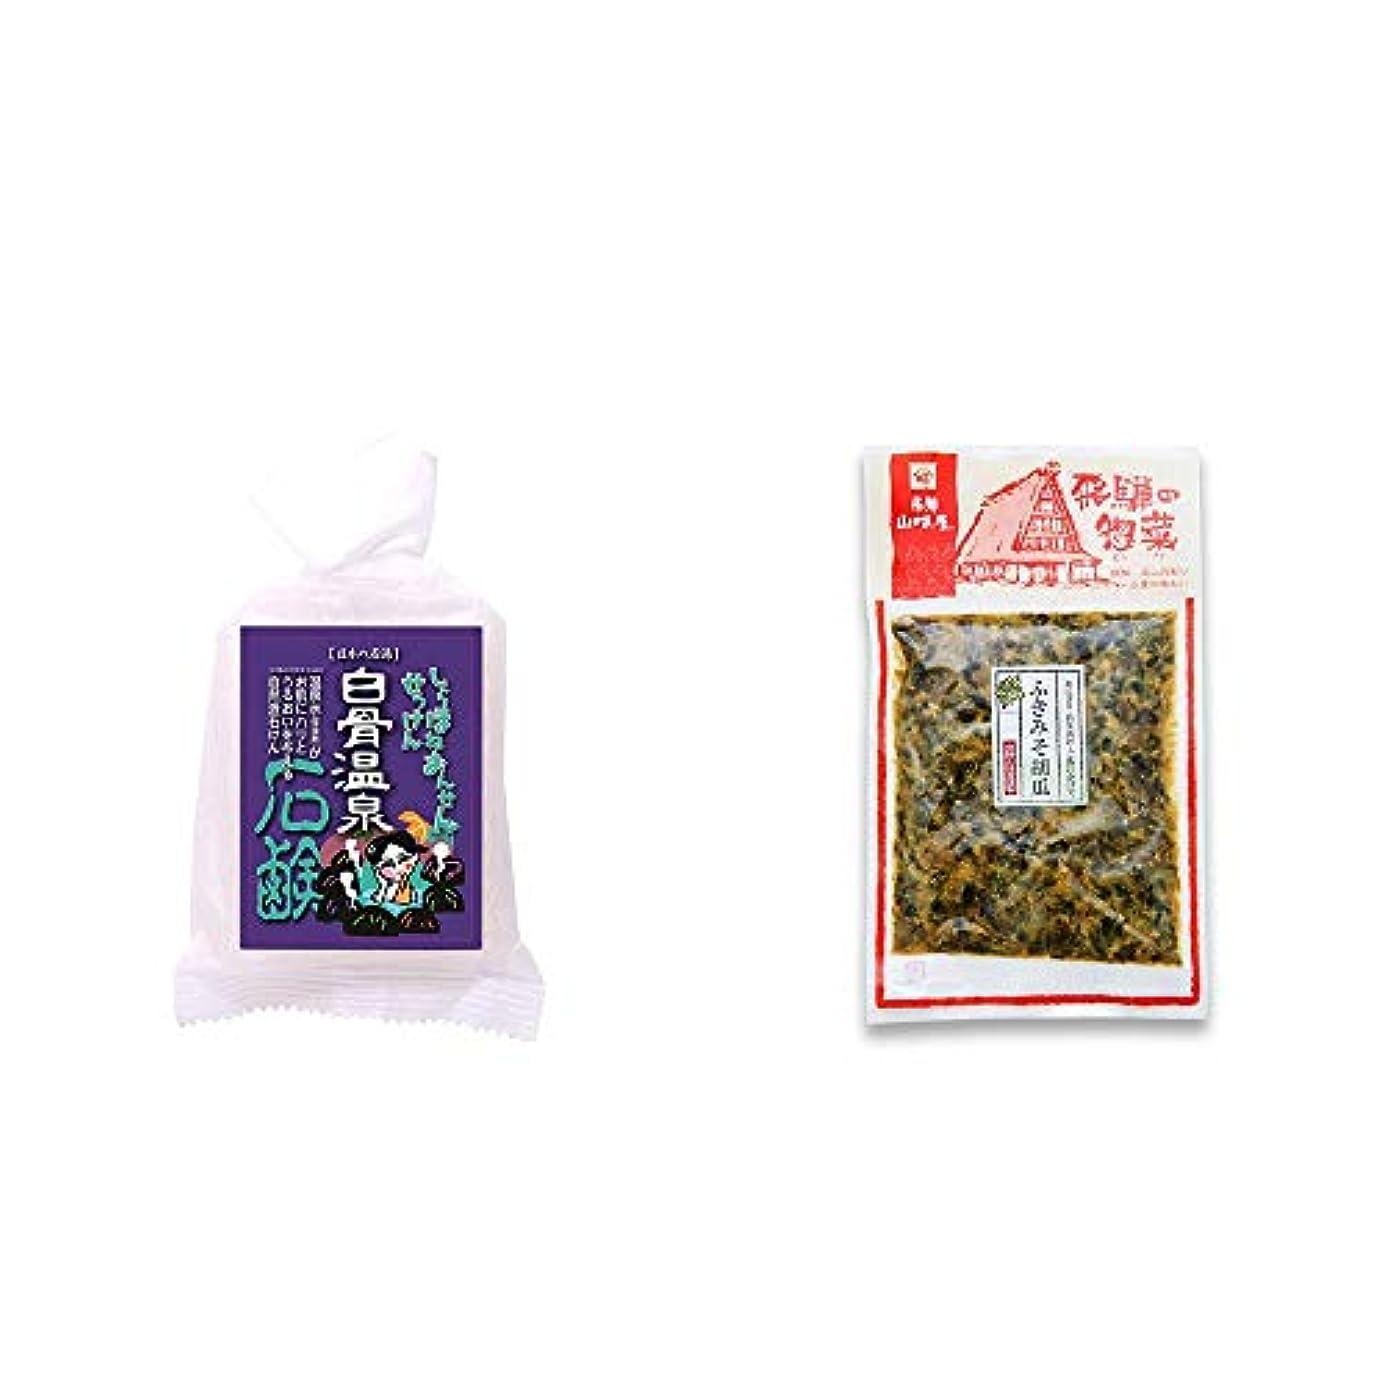 隣接する局達成[2点セット] 信州 白骨温泉石鹸(80g)?飛騨山味屋 ふきみそ胡瓜(120g)